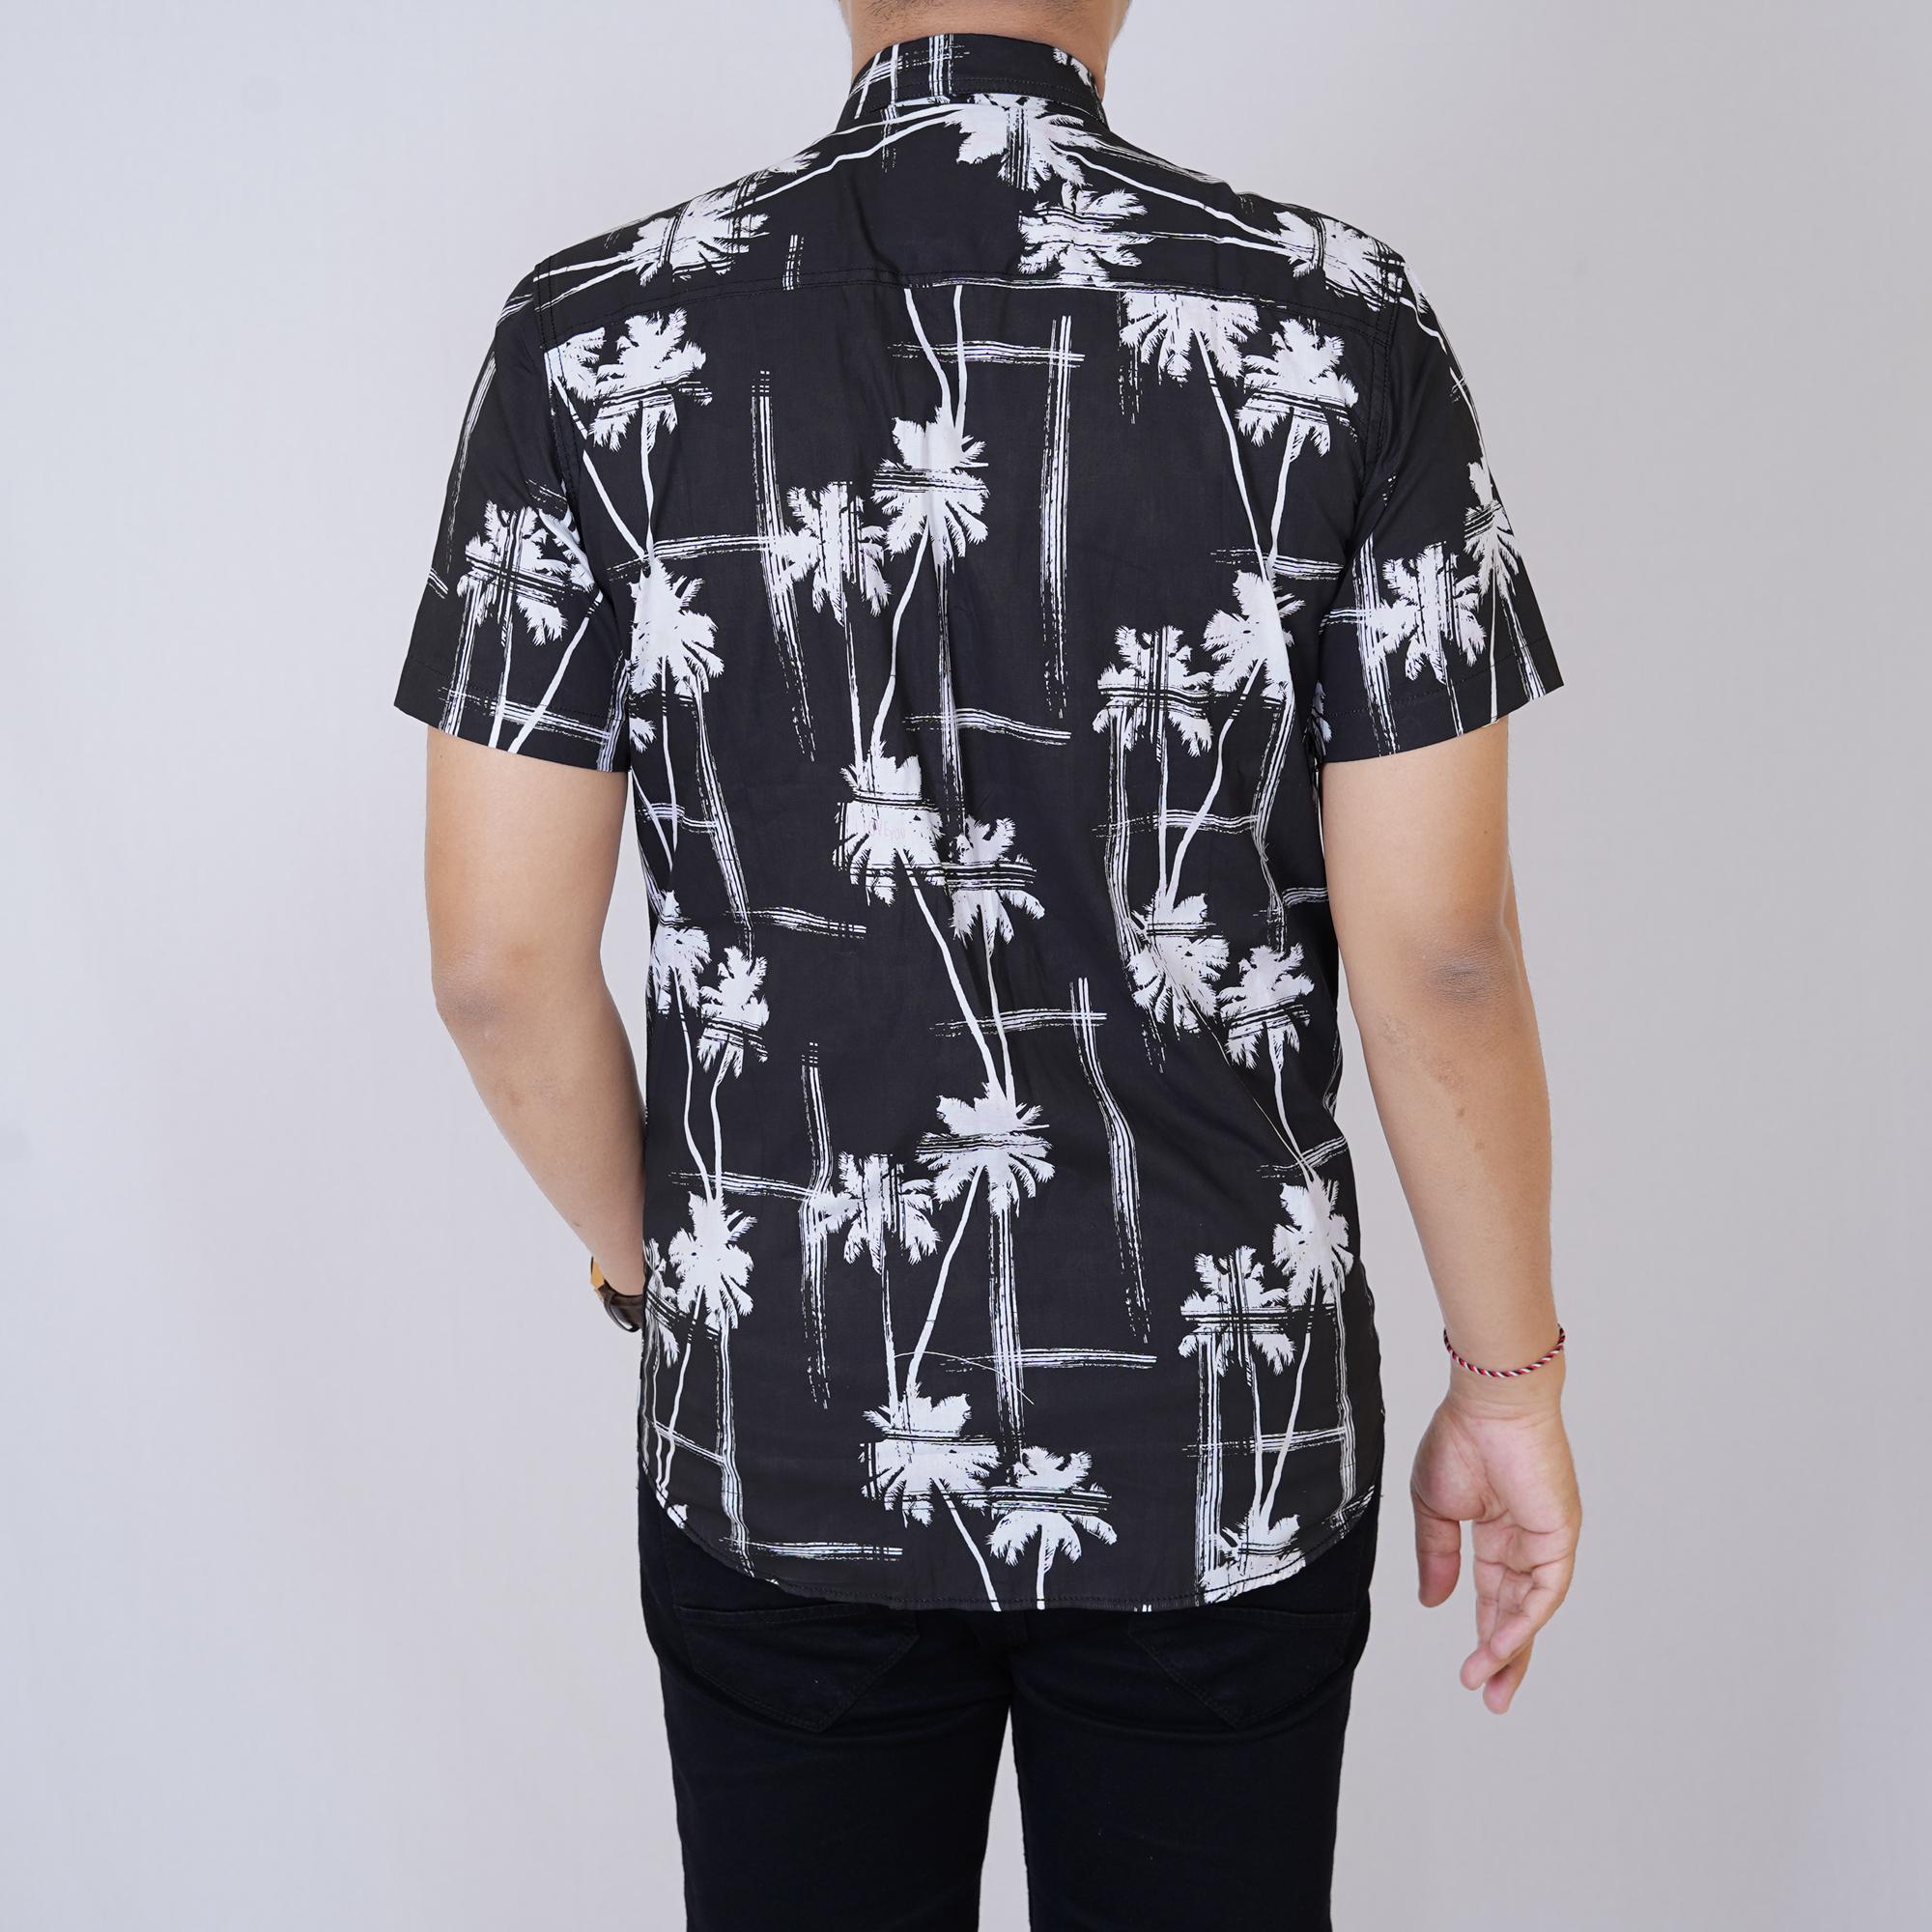 Detail Gambar zs_fashion 6377 Kemeja Printing Pria Lengan Pendek Exclusive Baju Kemeja Print Cowok Kerja Kantoran Kemeja Distro Hitam Motif Kelapa Terbaru